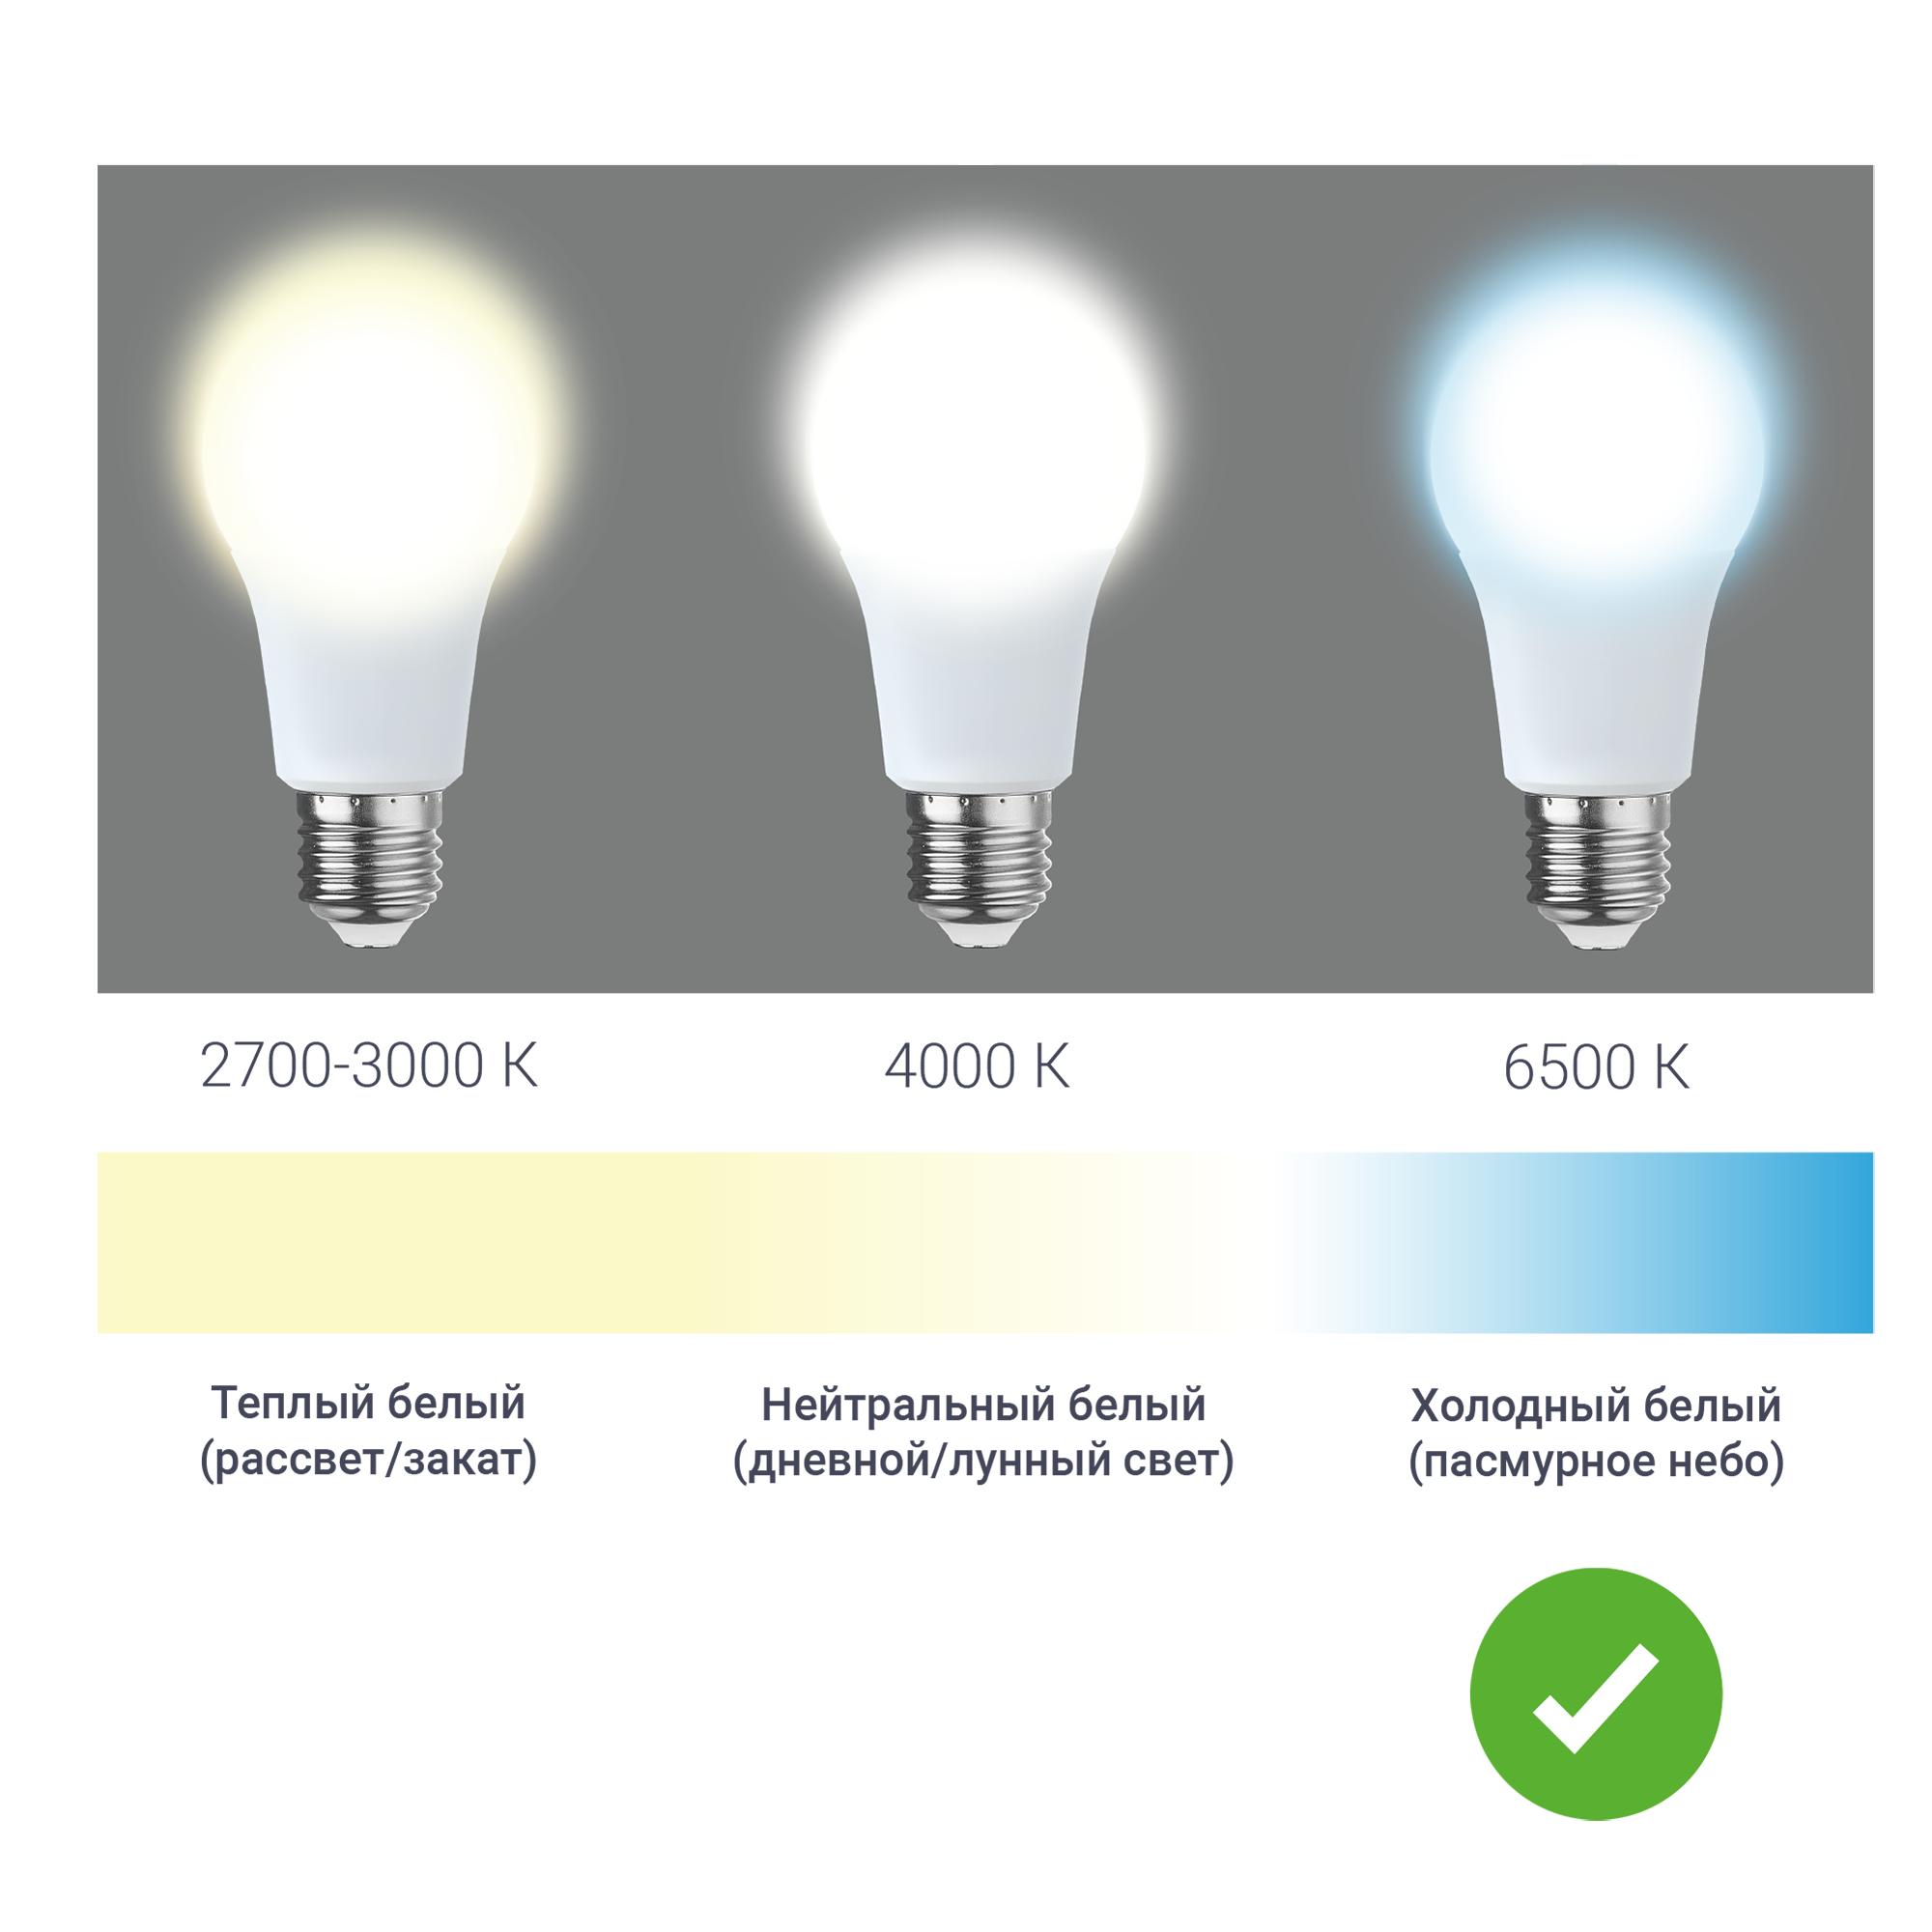 Лампа светодиодная E14 220-240 В 8 Вт свеча матовая 806 лм холодный белый свет